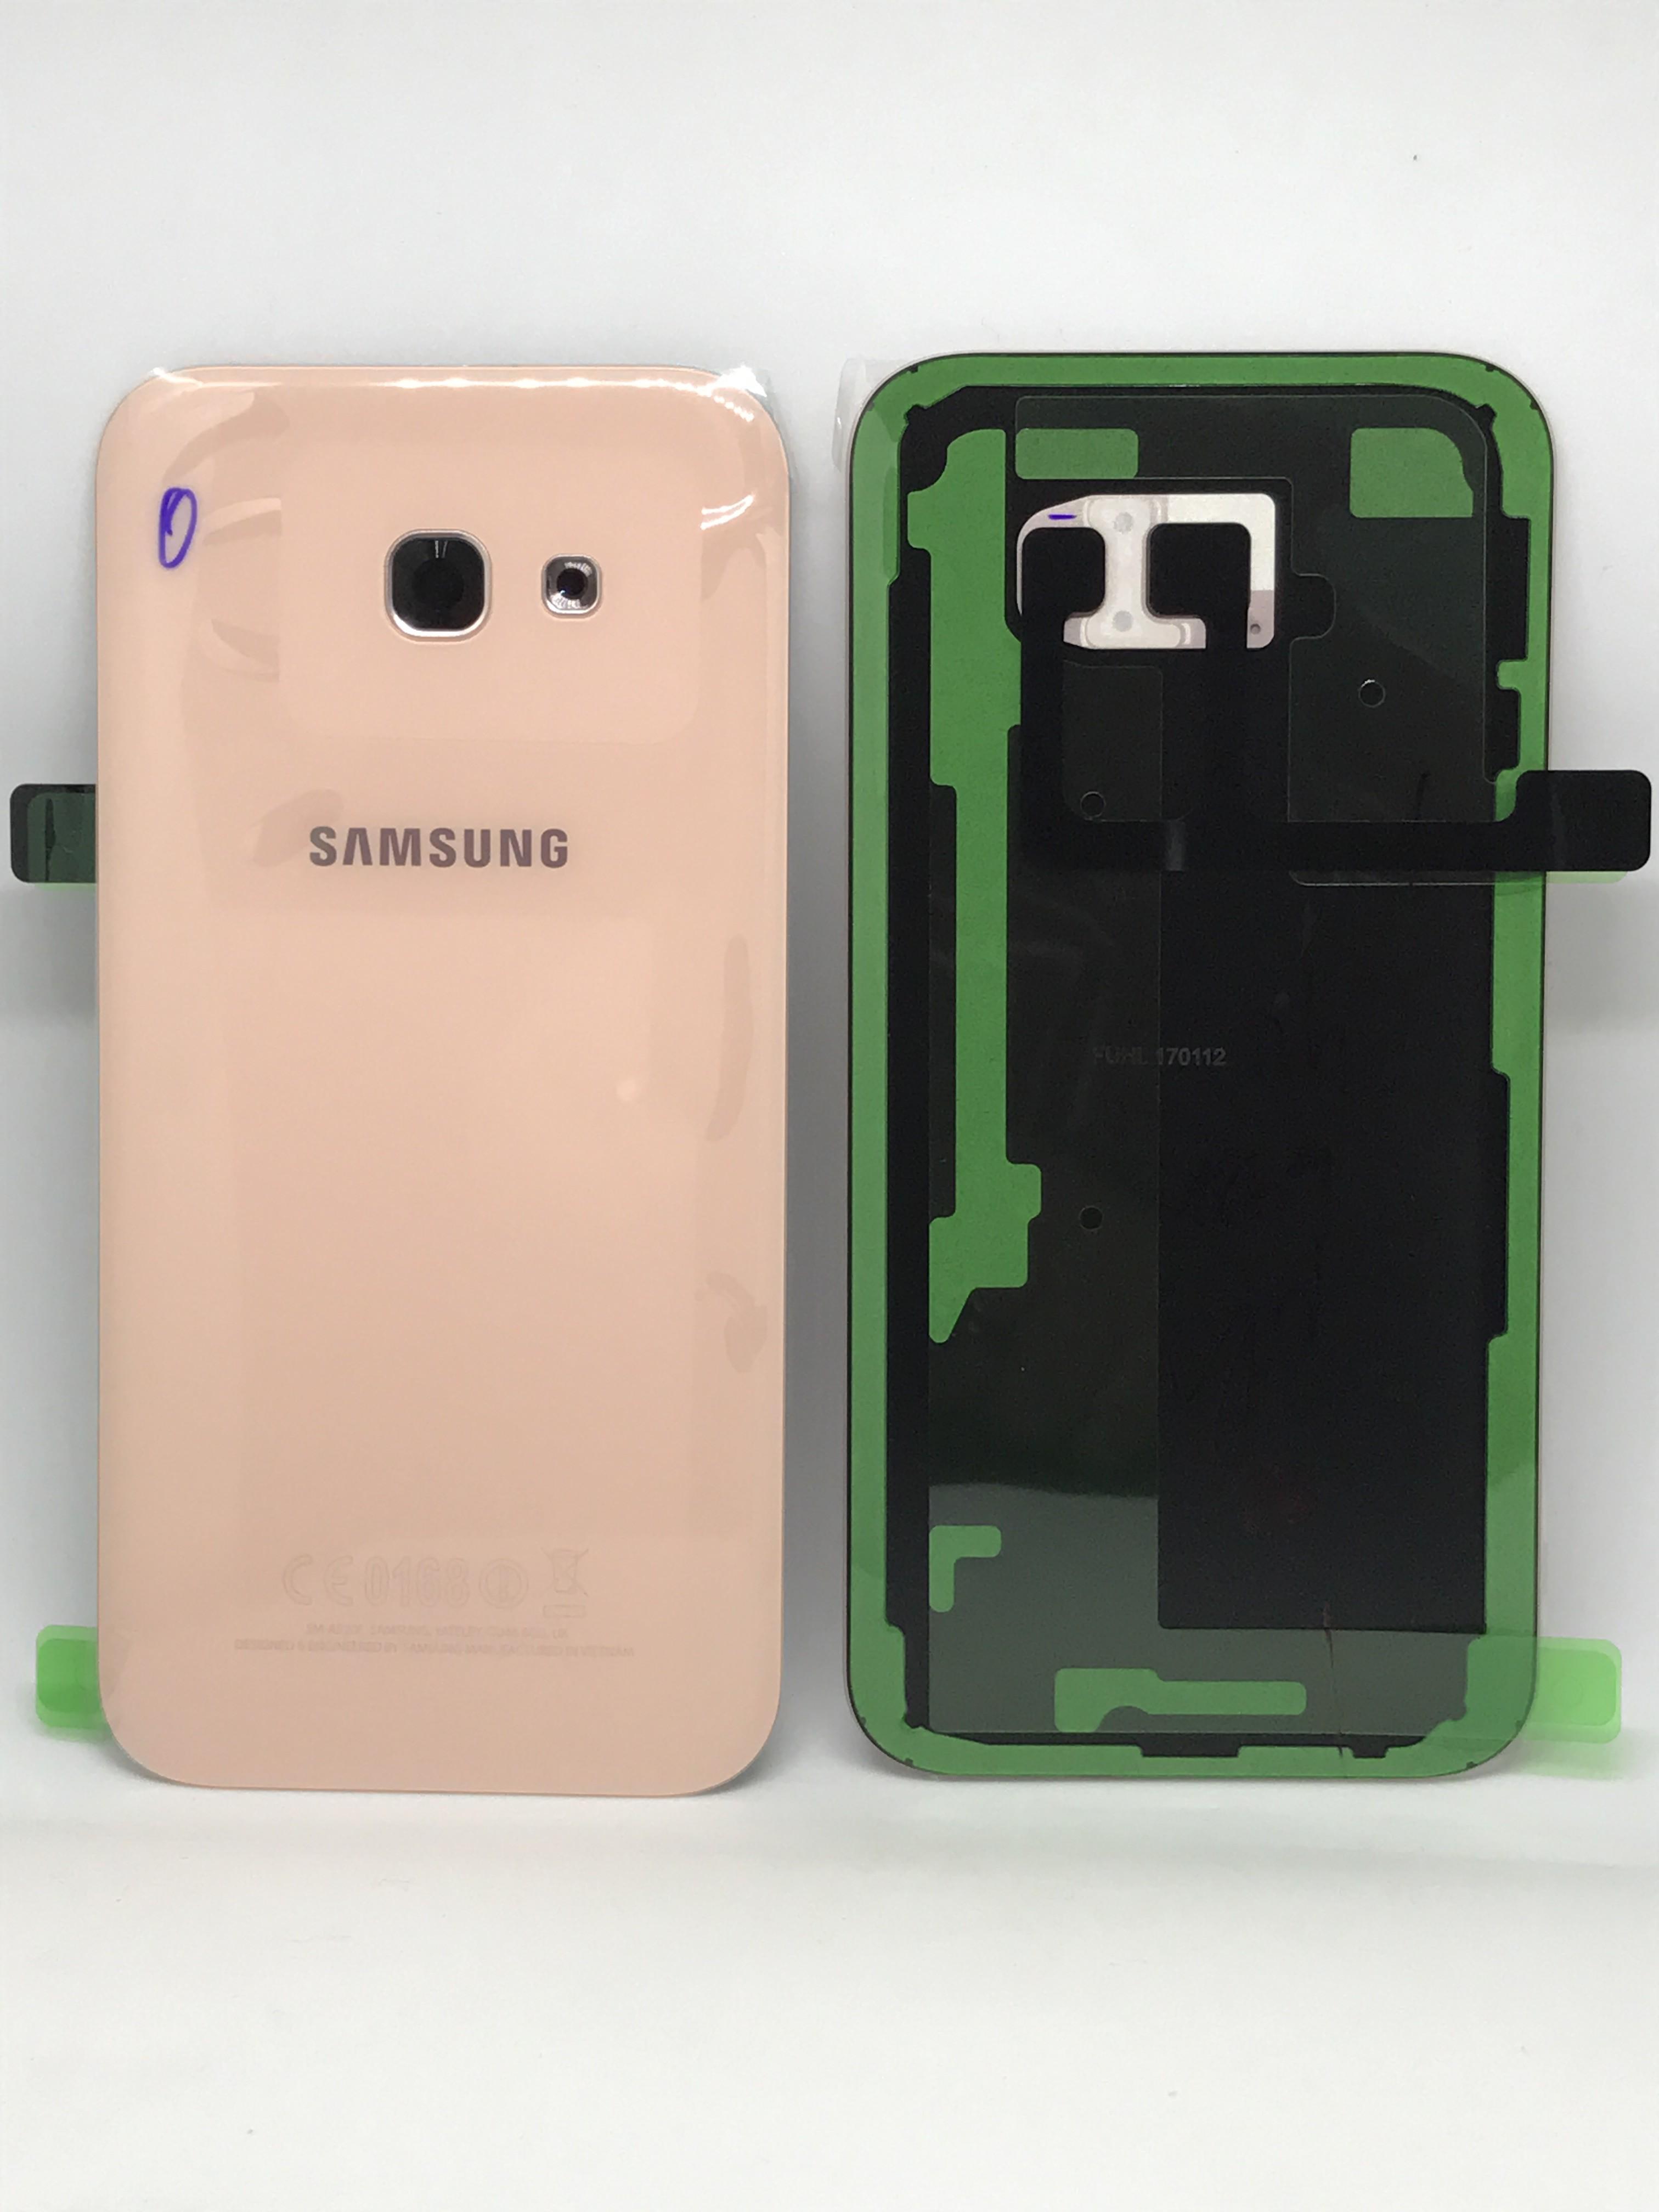 Capac baterie Samsung galaxy A5 2017 A520f Pink Roz GH82-13638D